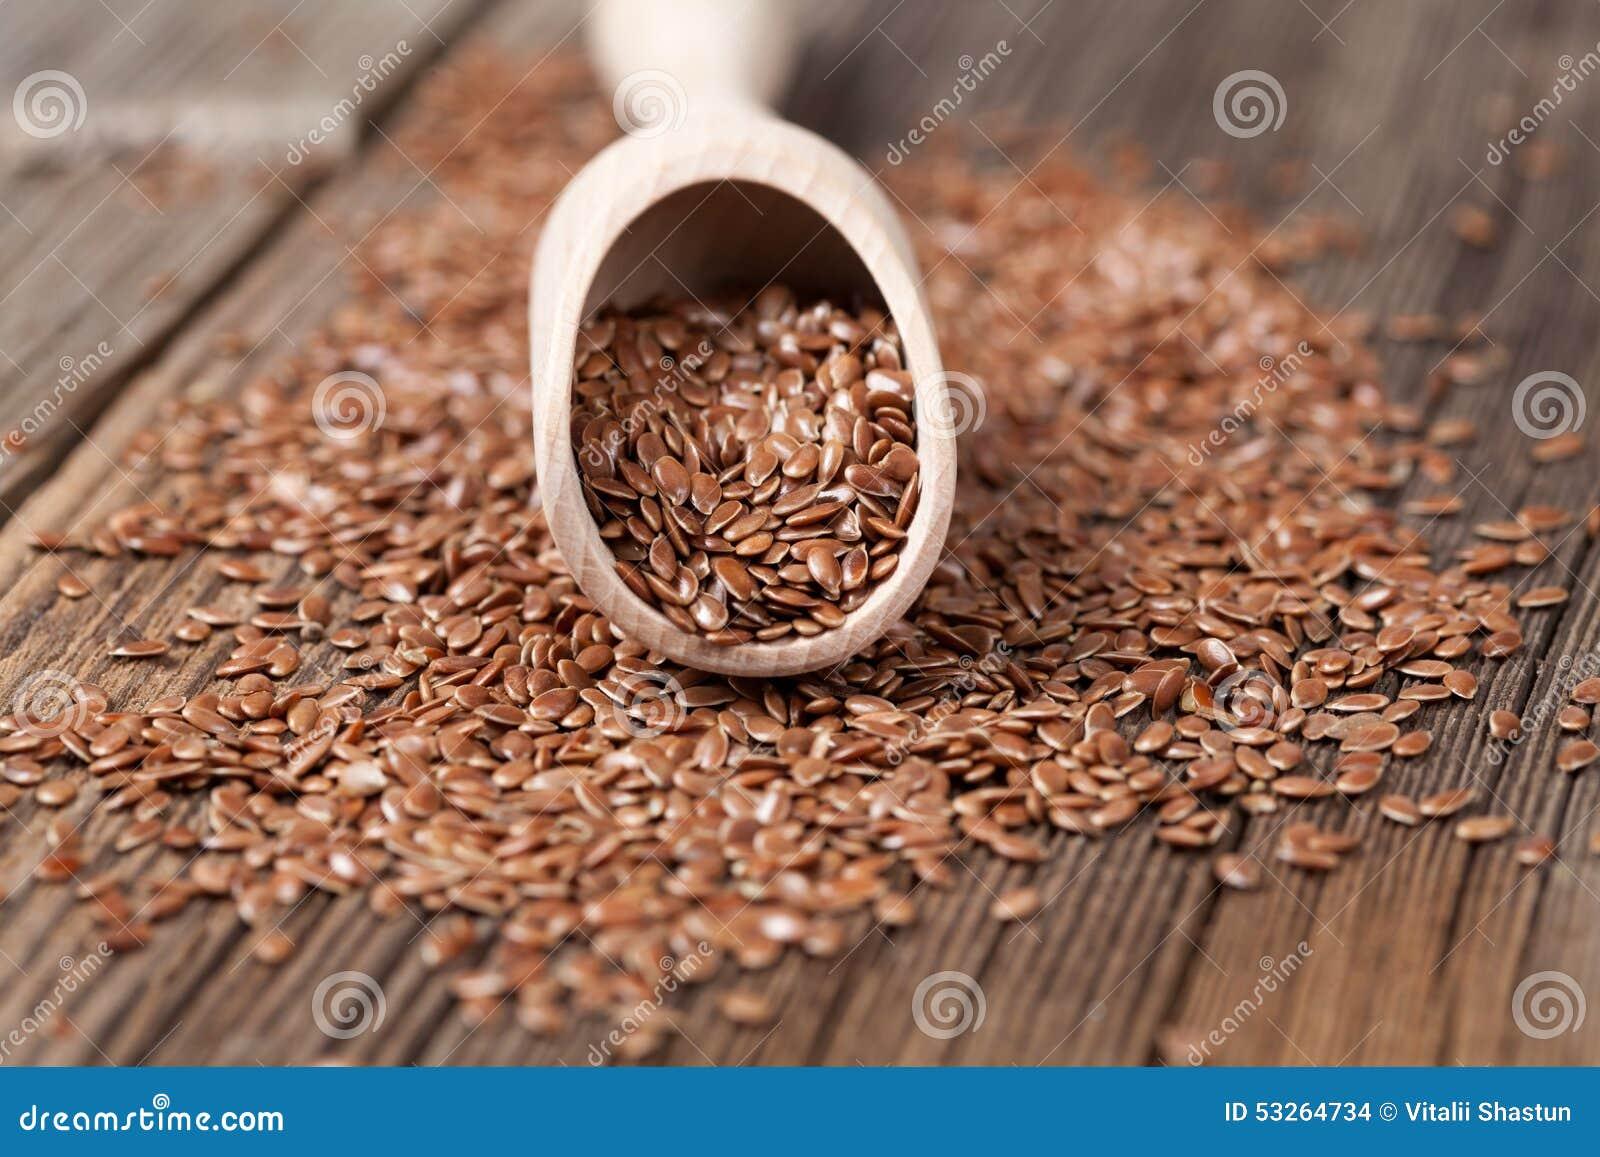 семена льна отзывы покупателей